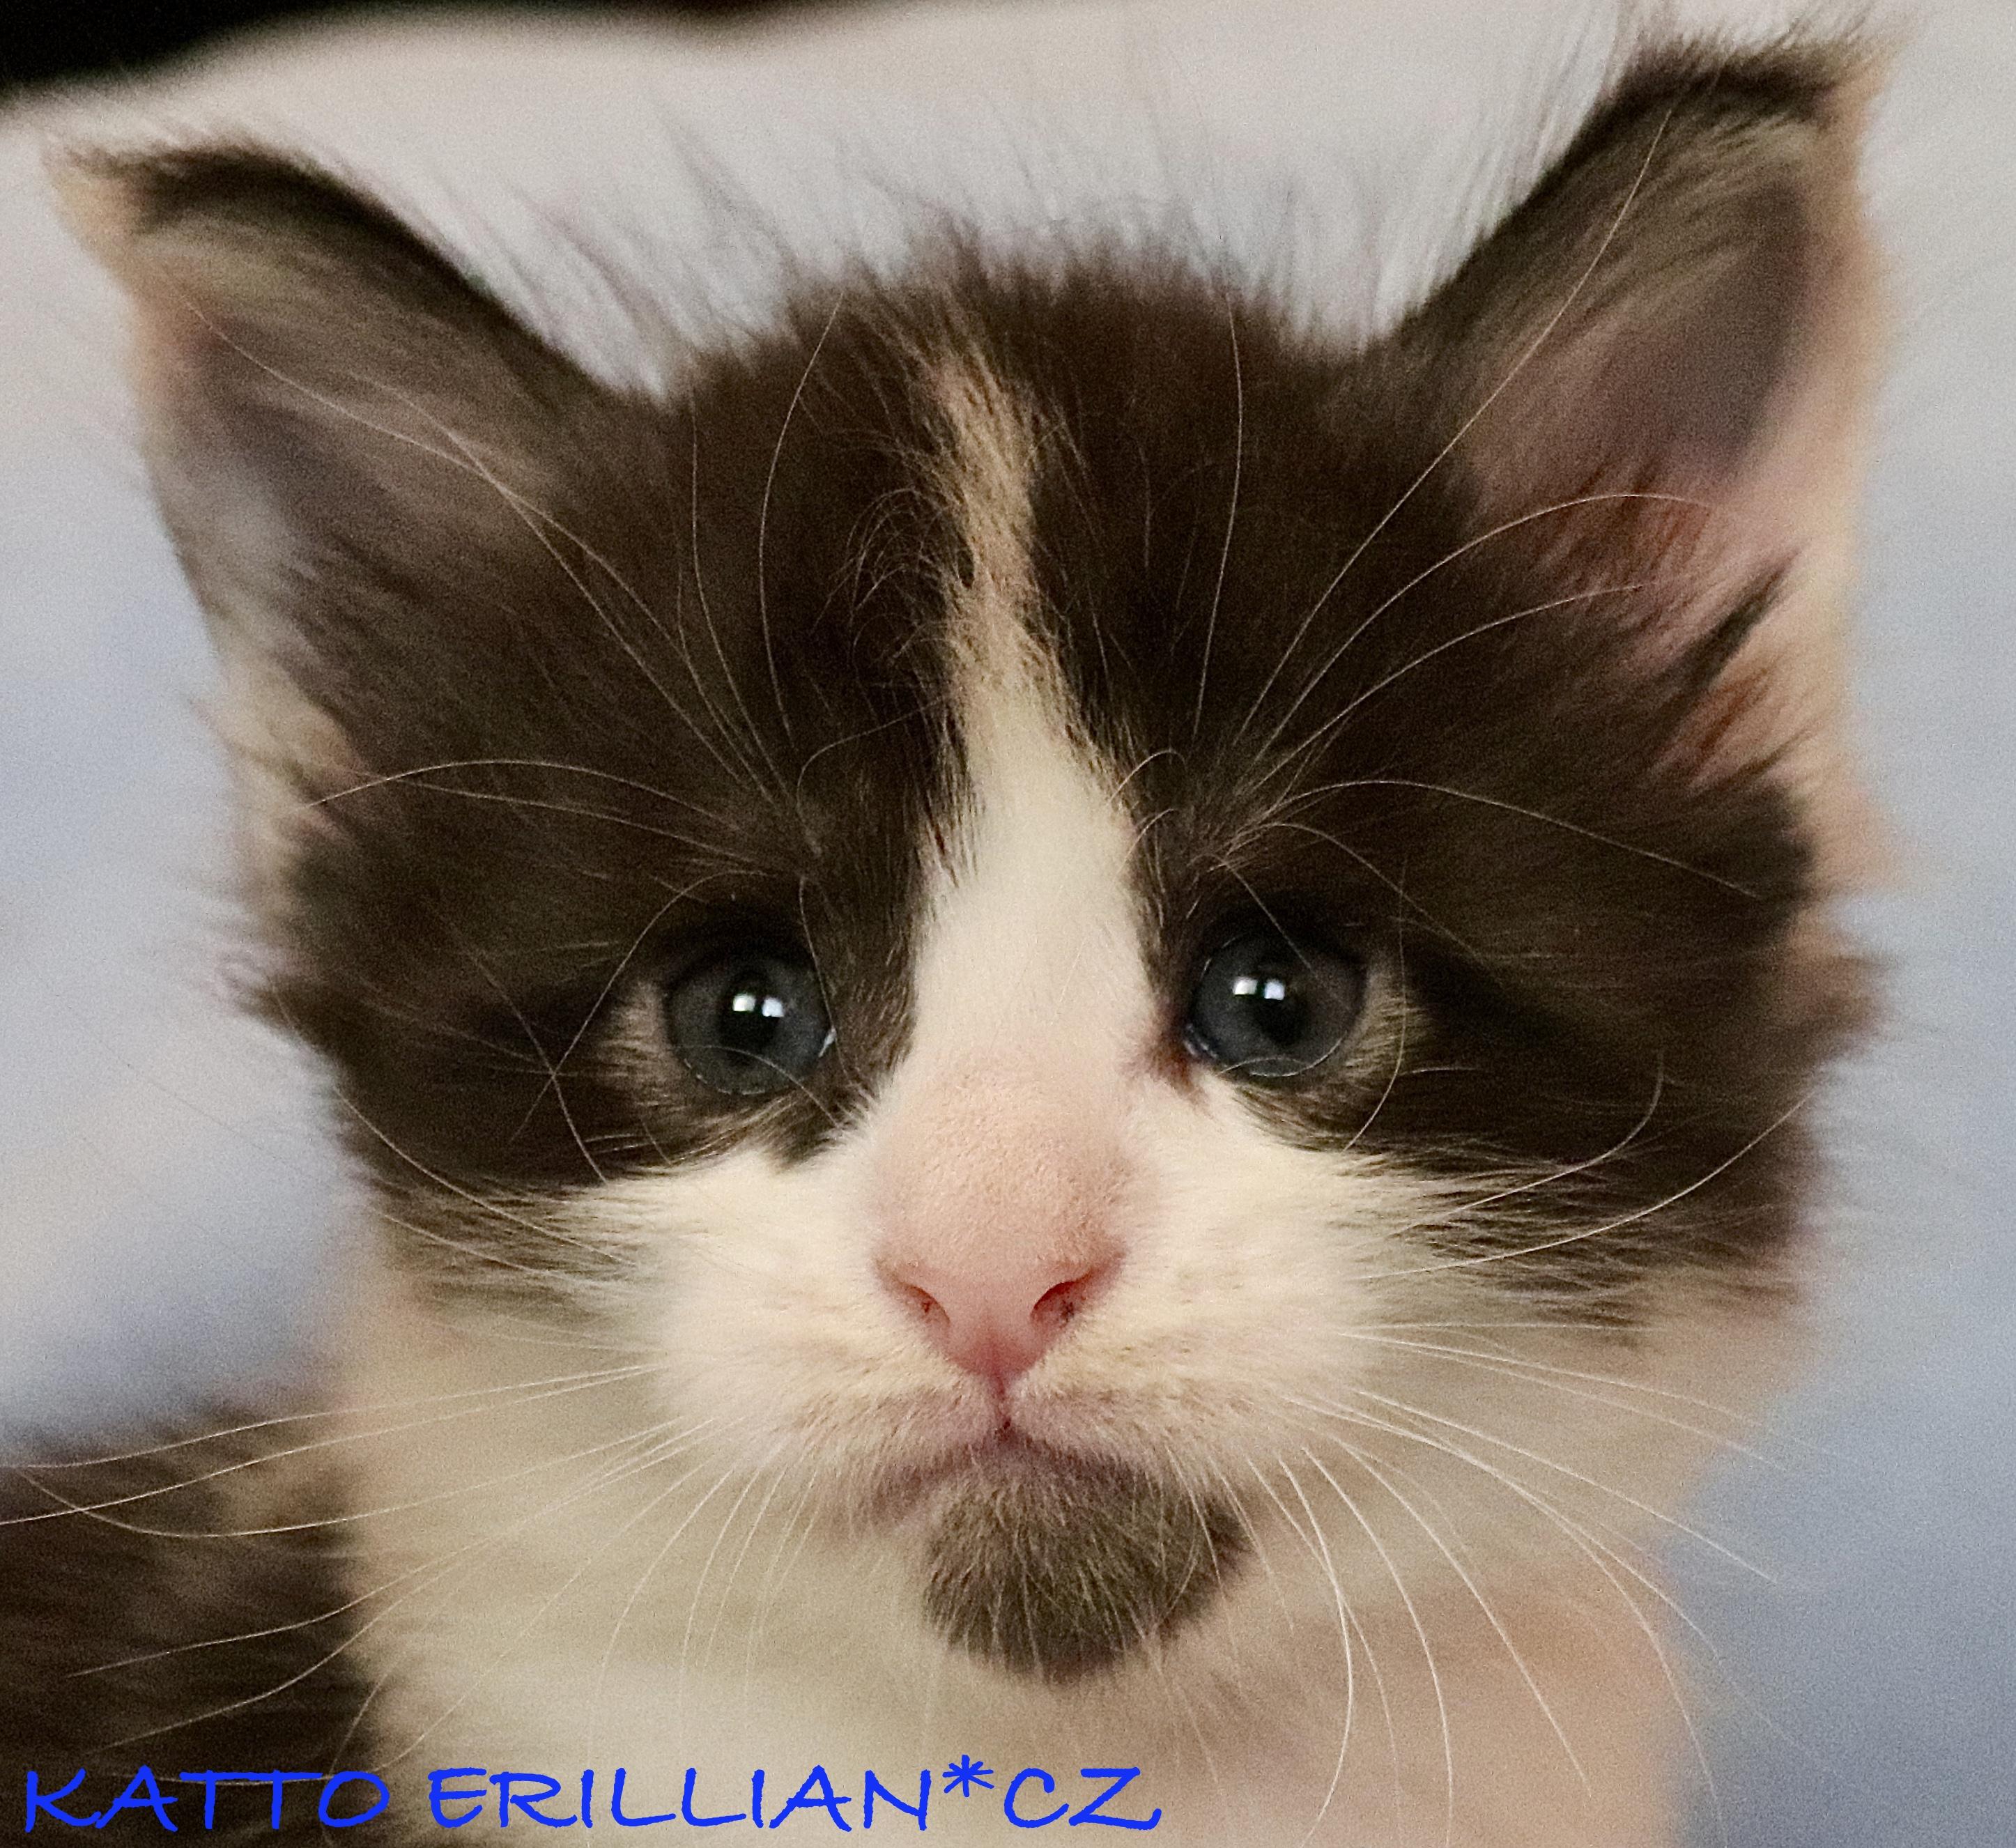 fotka kočky VRH K: KATTO VON ERILLIAN*CZ